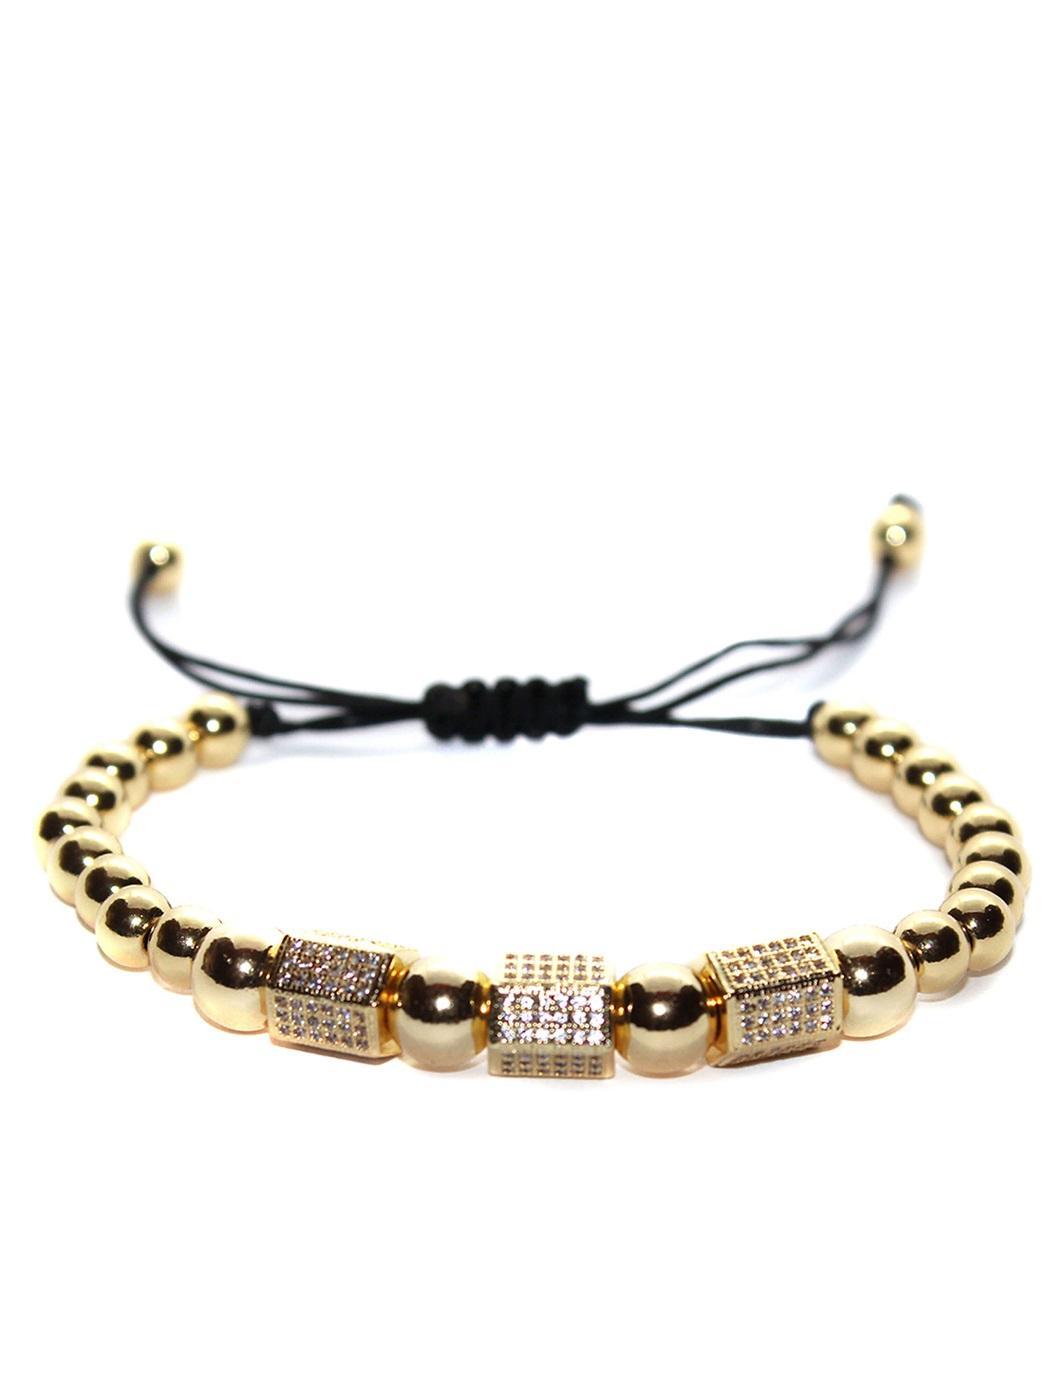 14K Gold Tennis Bracelet Cubic Zirconia